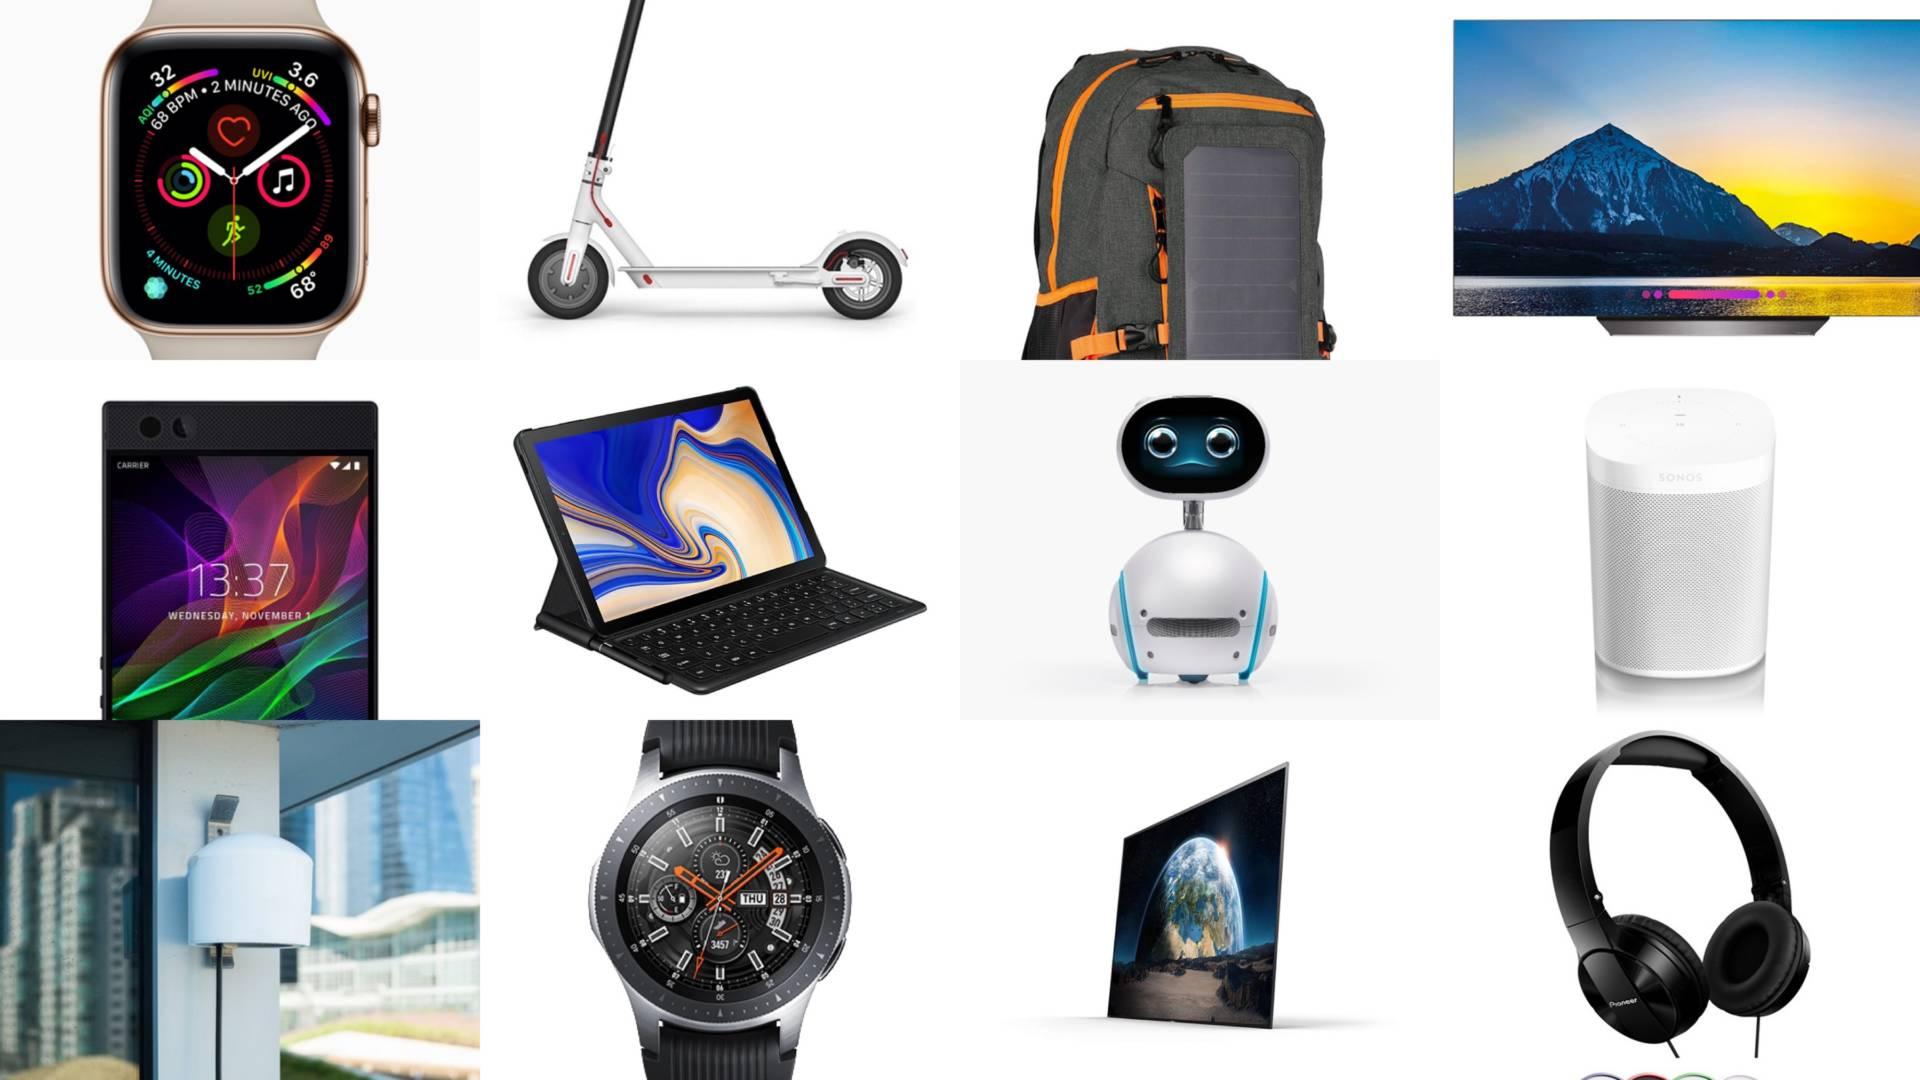 I migliori regali di Natale hi-tech: le idee regalo 2018 - Digitalic